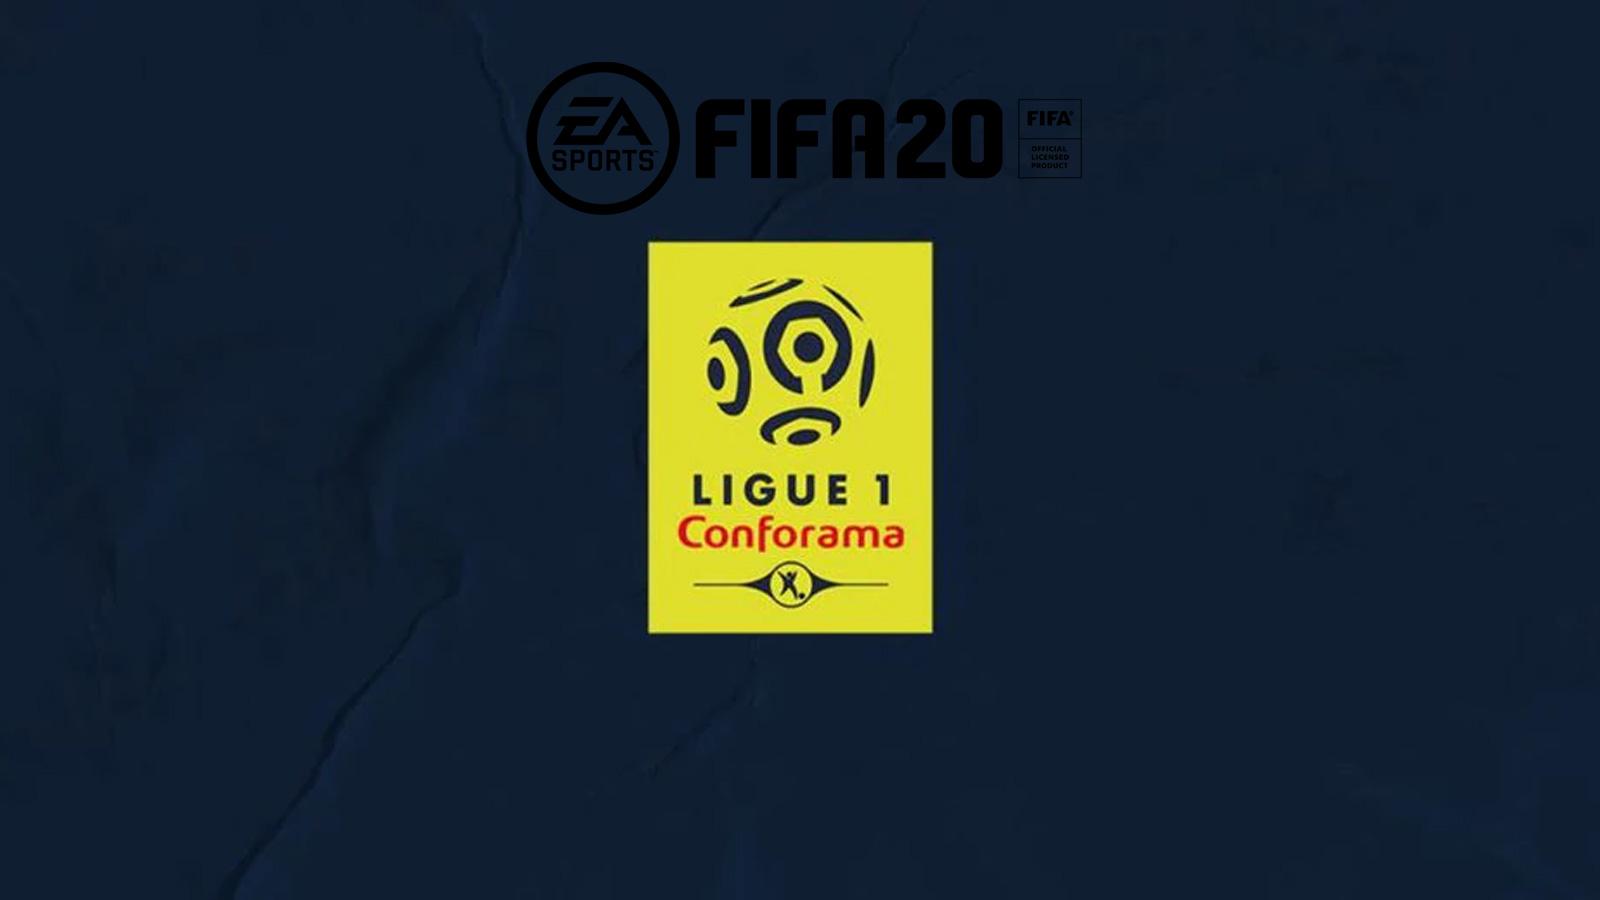 EA SPORTS / Ligue 1